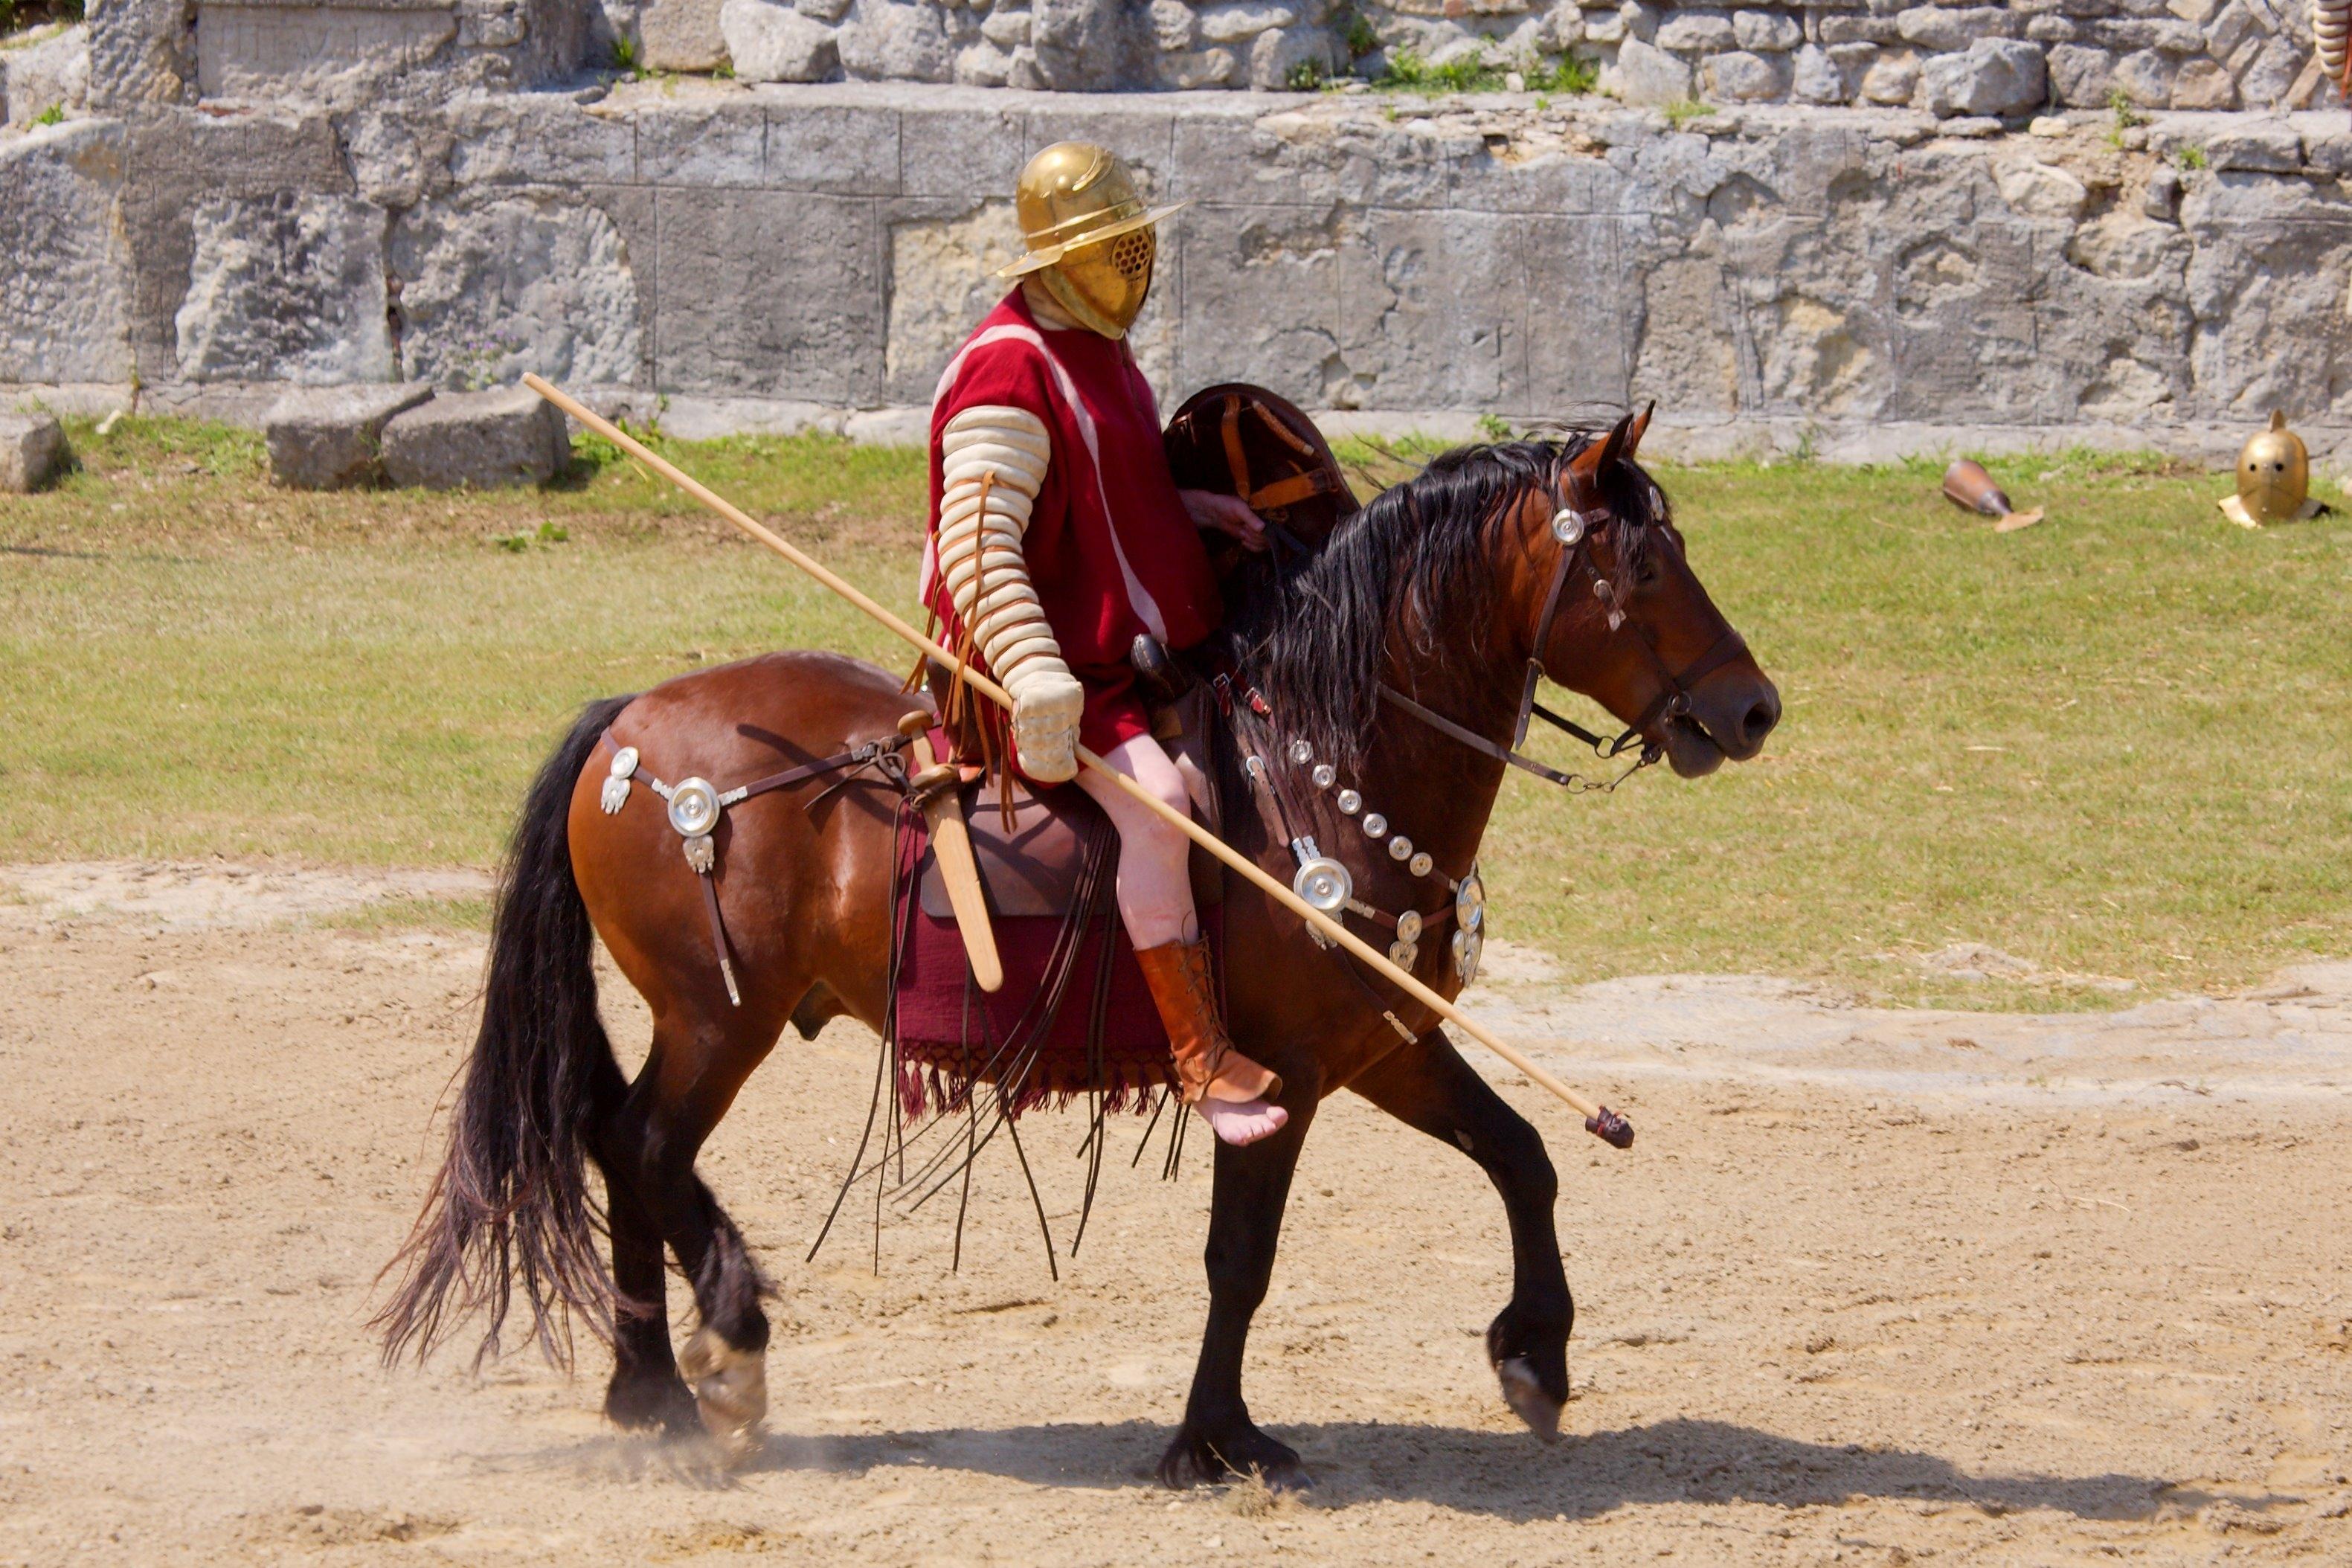 Att göra i Rom: Gladiator för en dag på gladiatorskolan